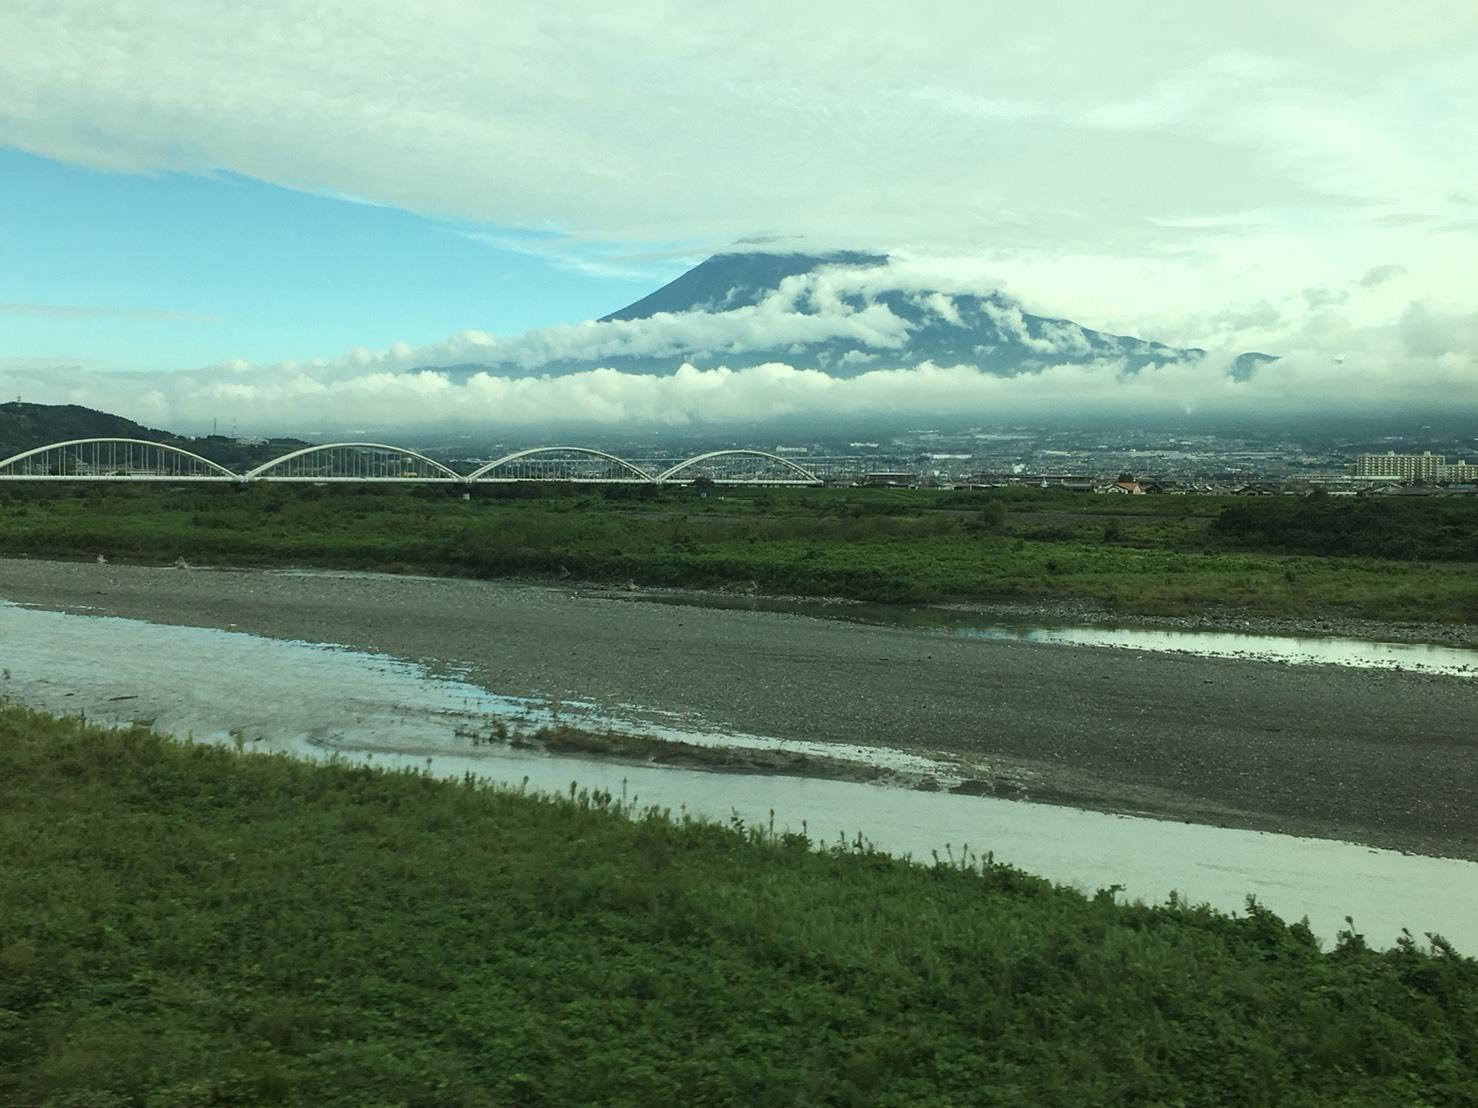 富士山ビューシリーズ  2018/9/26   今朝の新幹線からの富士山_b0011584_12222908.jpg